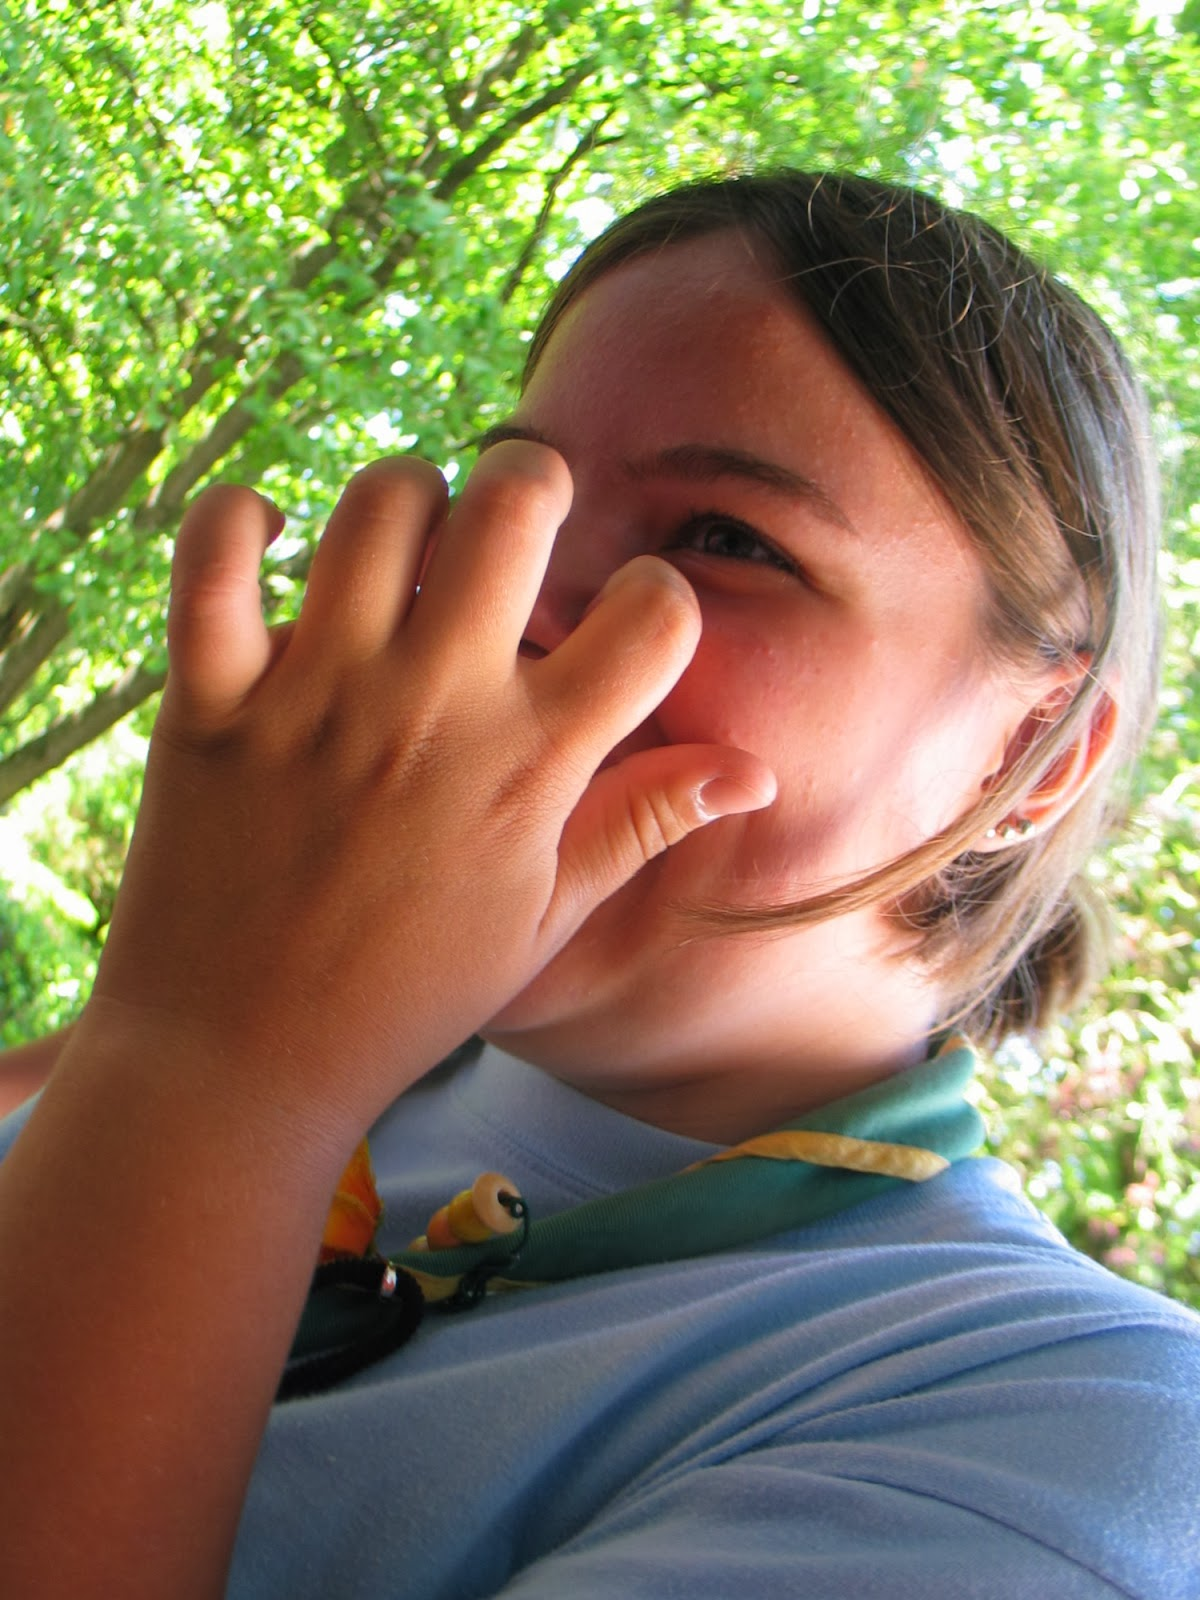 Pucanje taborniške, Ilirska Bistrica 2005 - pucanje%2Btaborni%25C5%25A1ke%2B%252824%2529.jpg